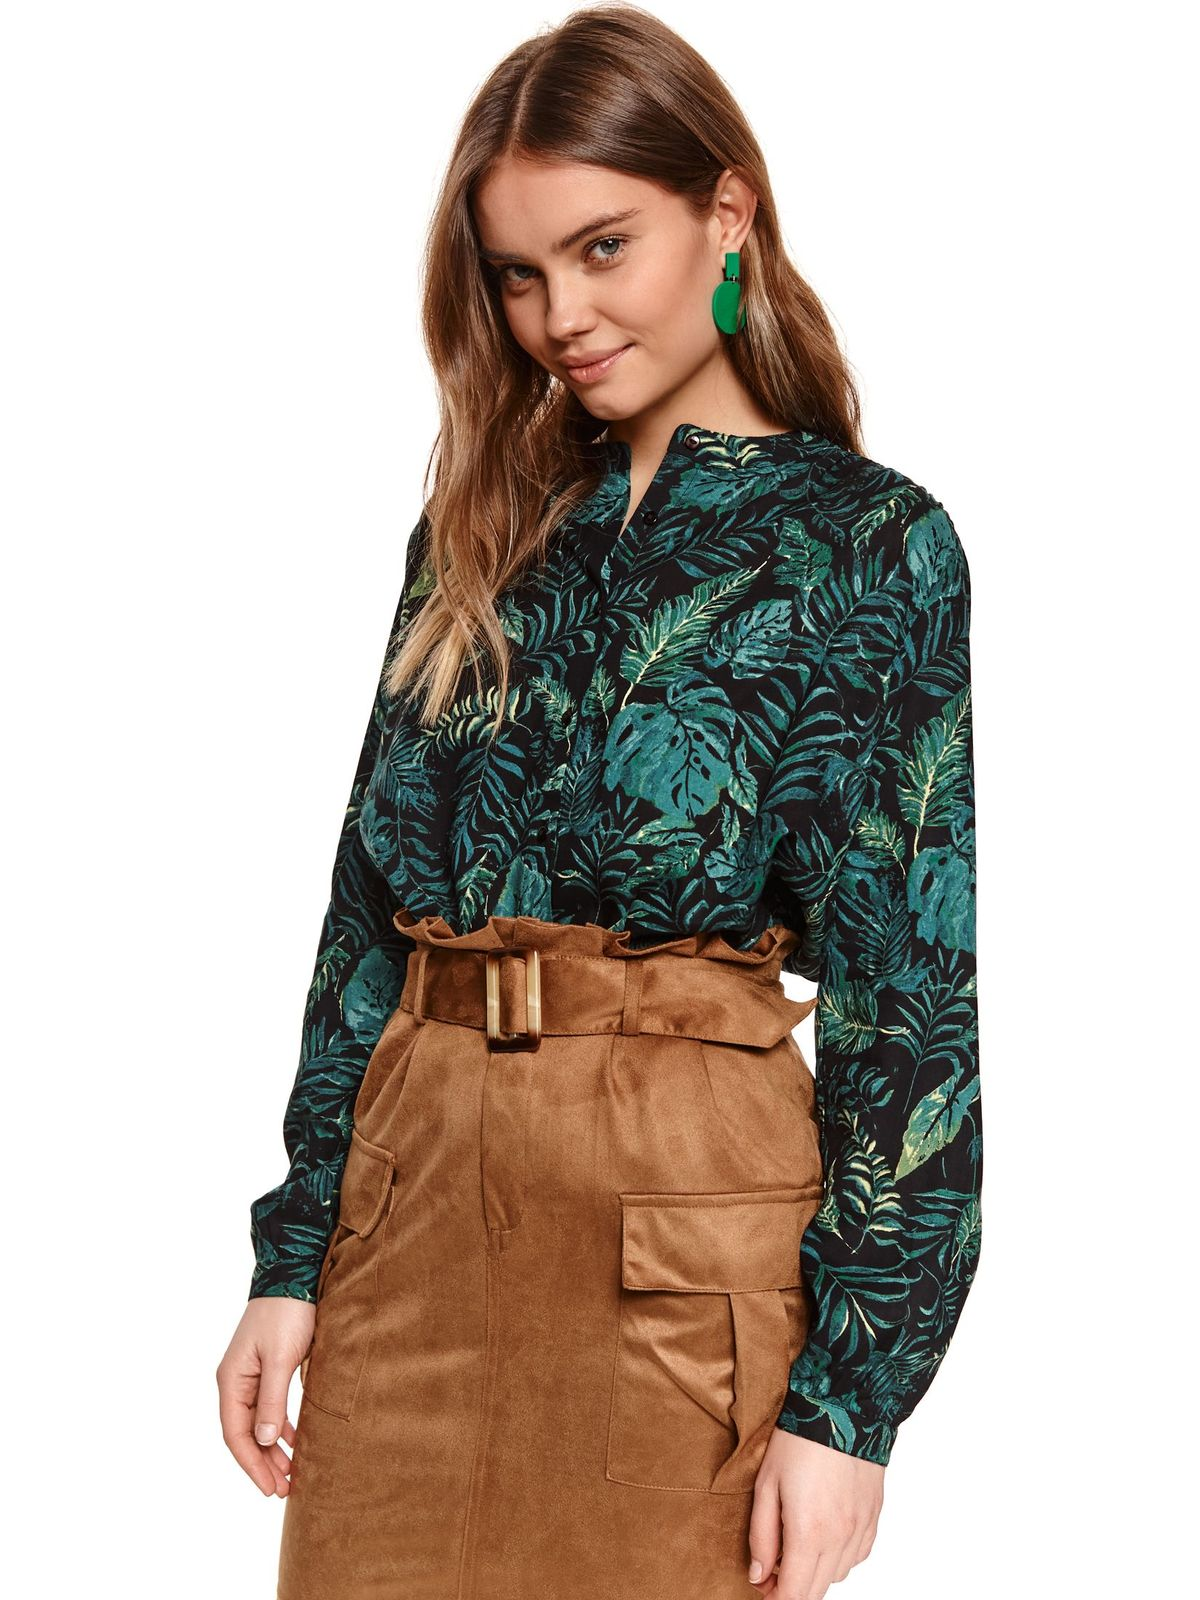 Fekete virágmintás bő szabású női ing